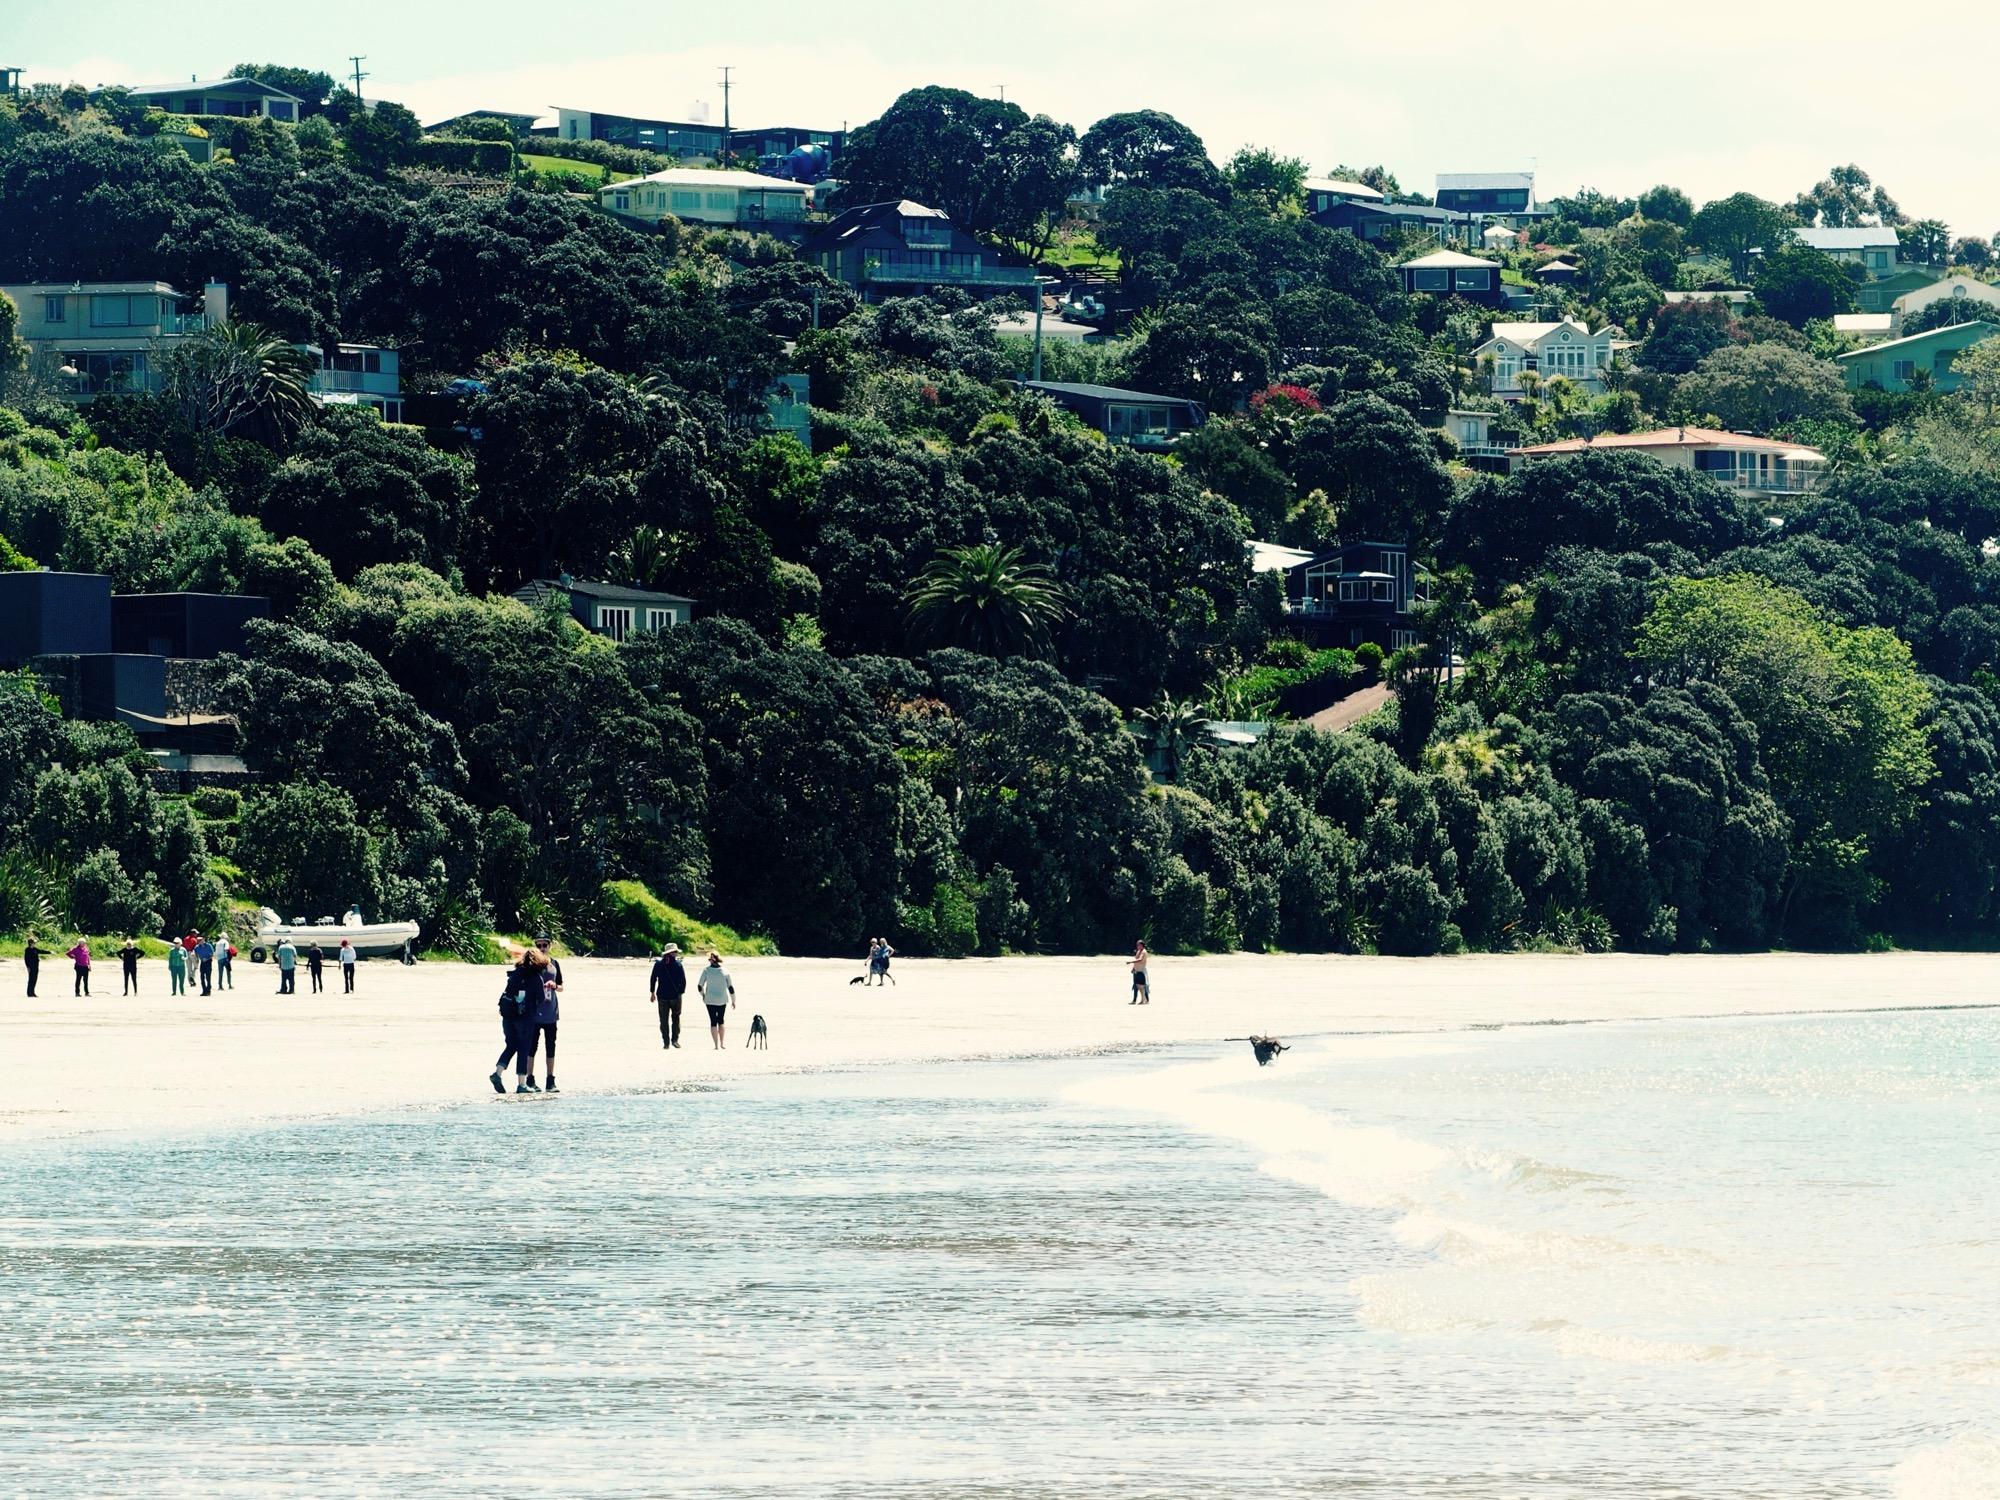 ビーチで遊ぶ人々